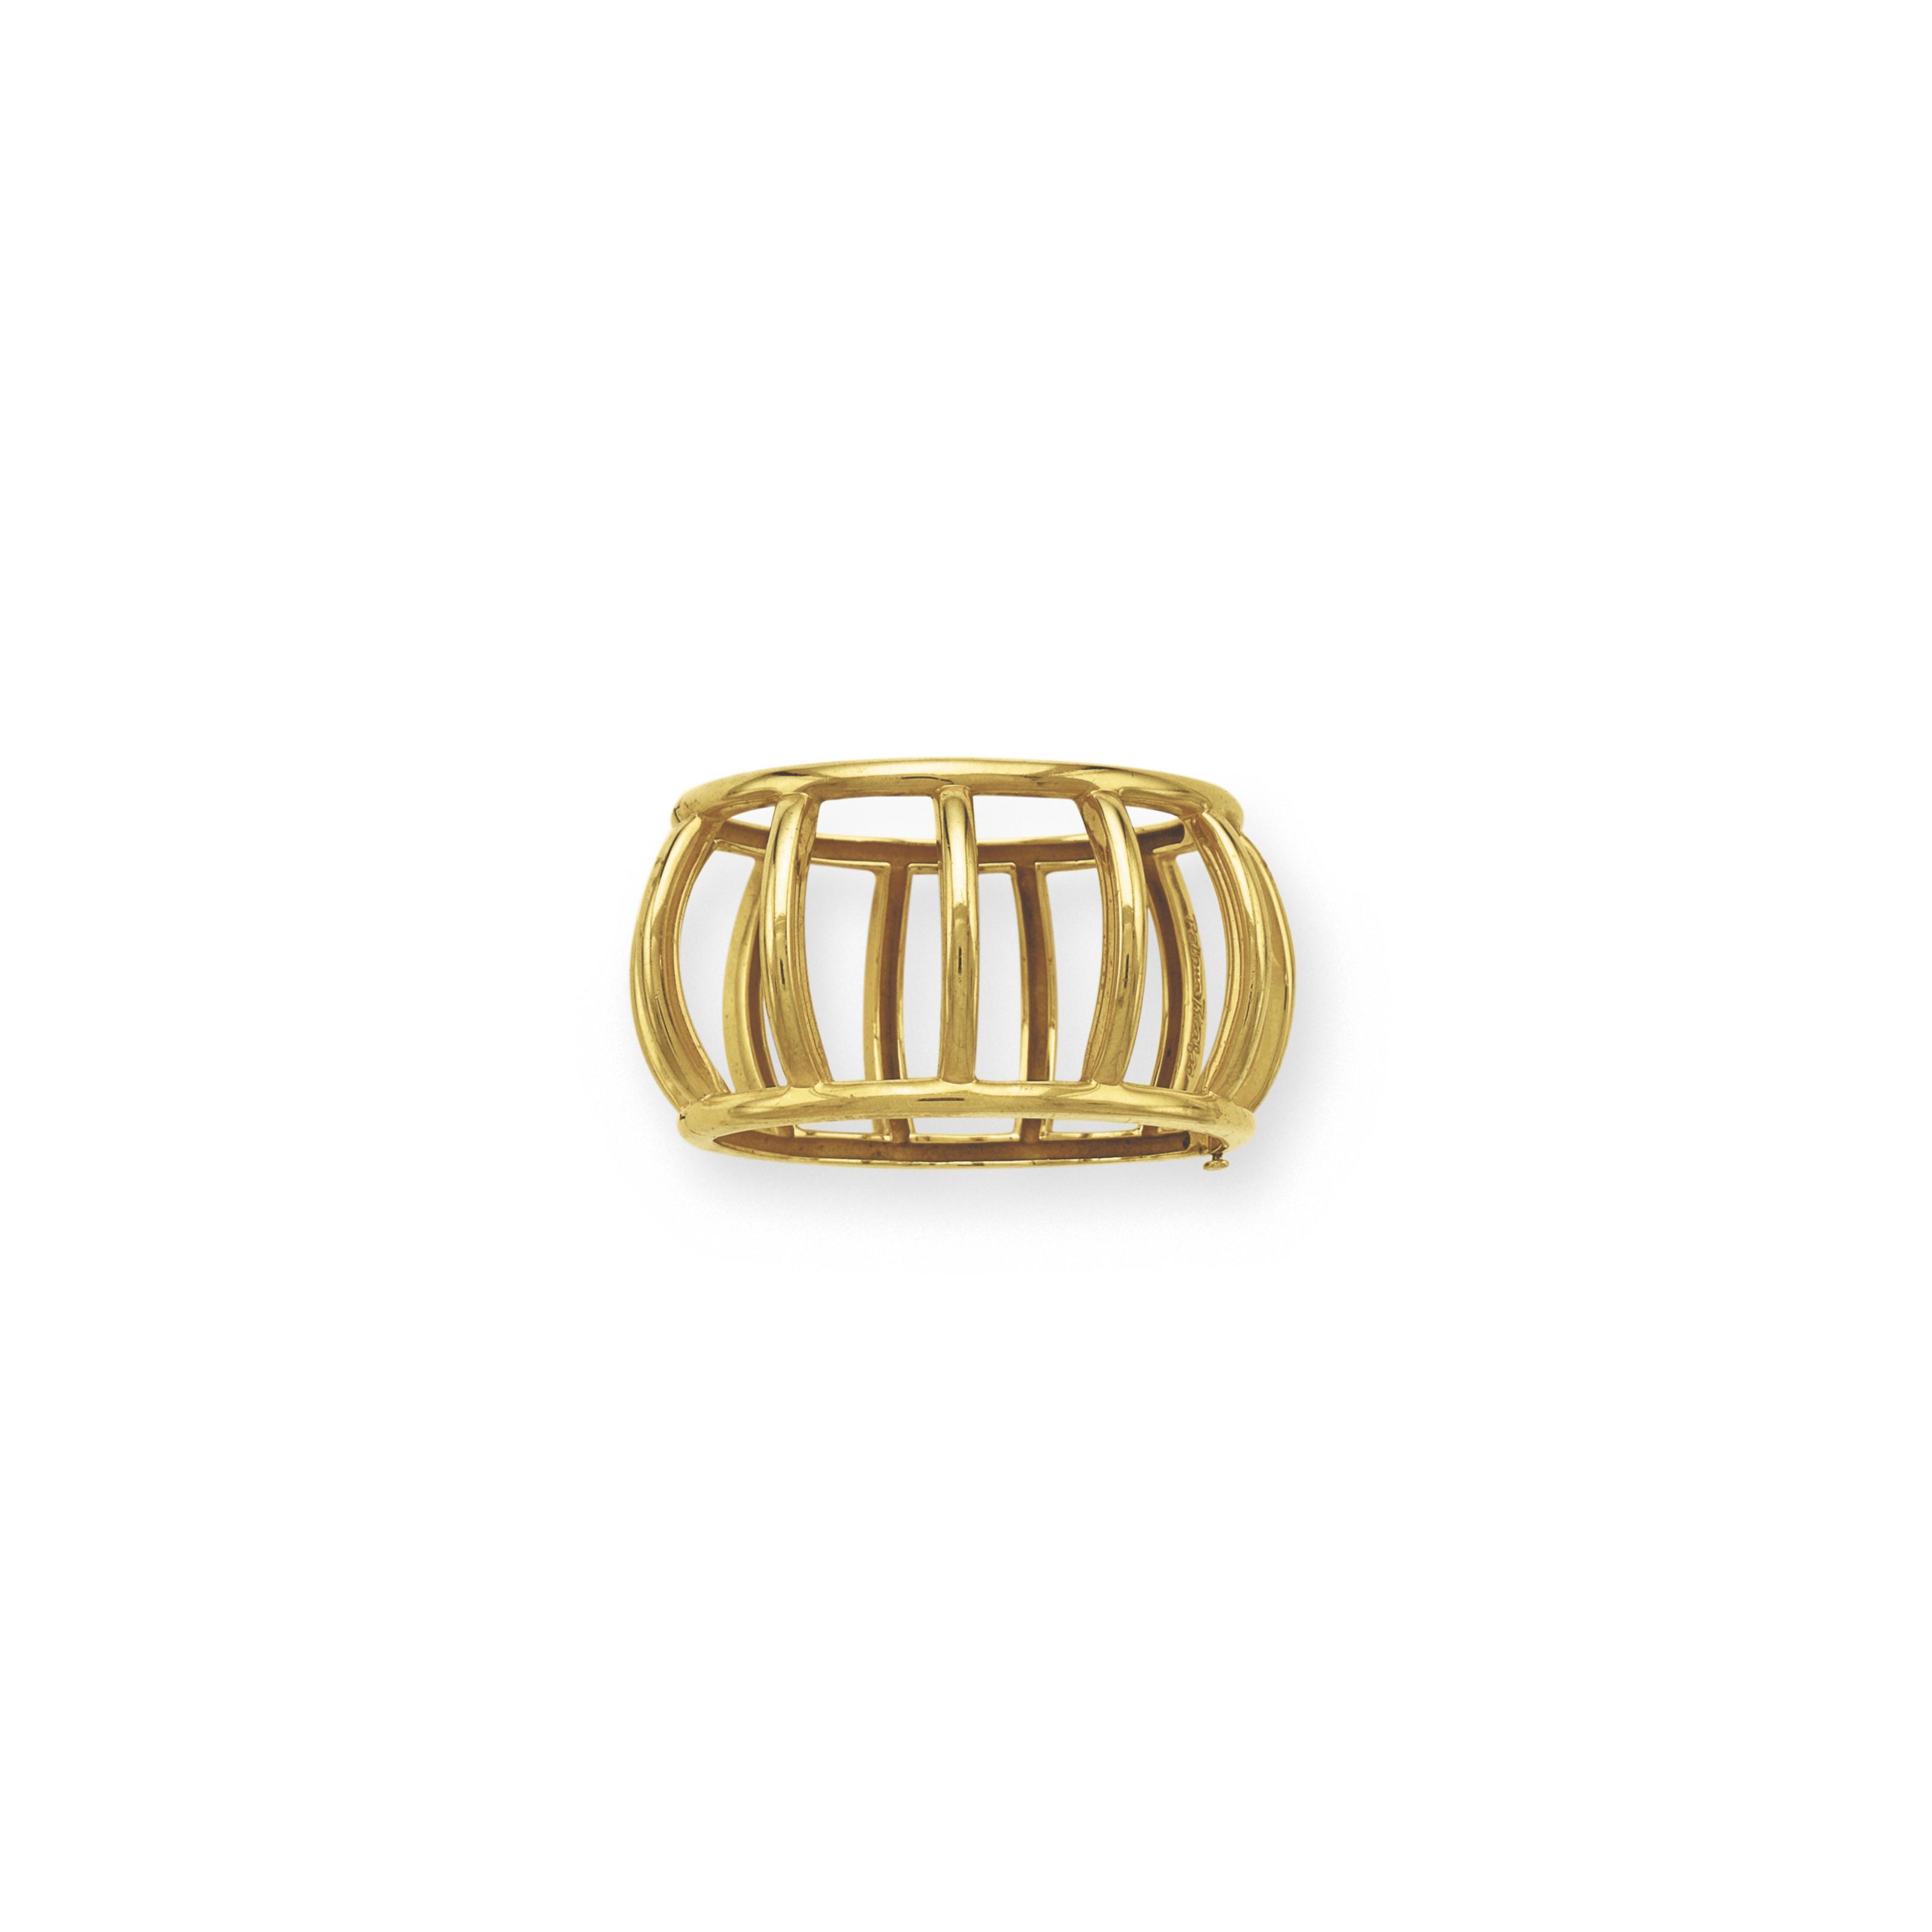 A GOLD BANGLE BRACELET, BY PALOMA PICASSO, TIFFANY & CO.